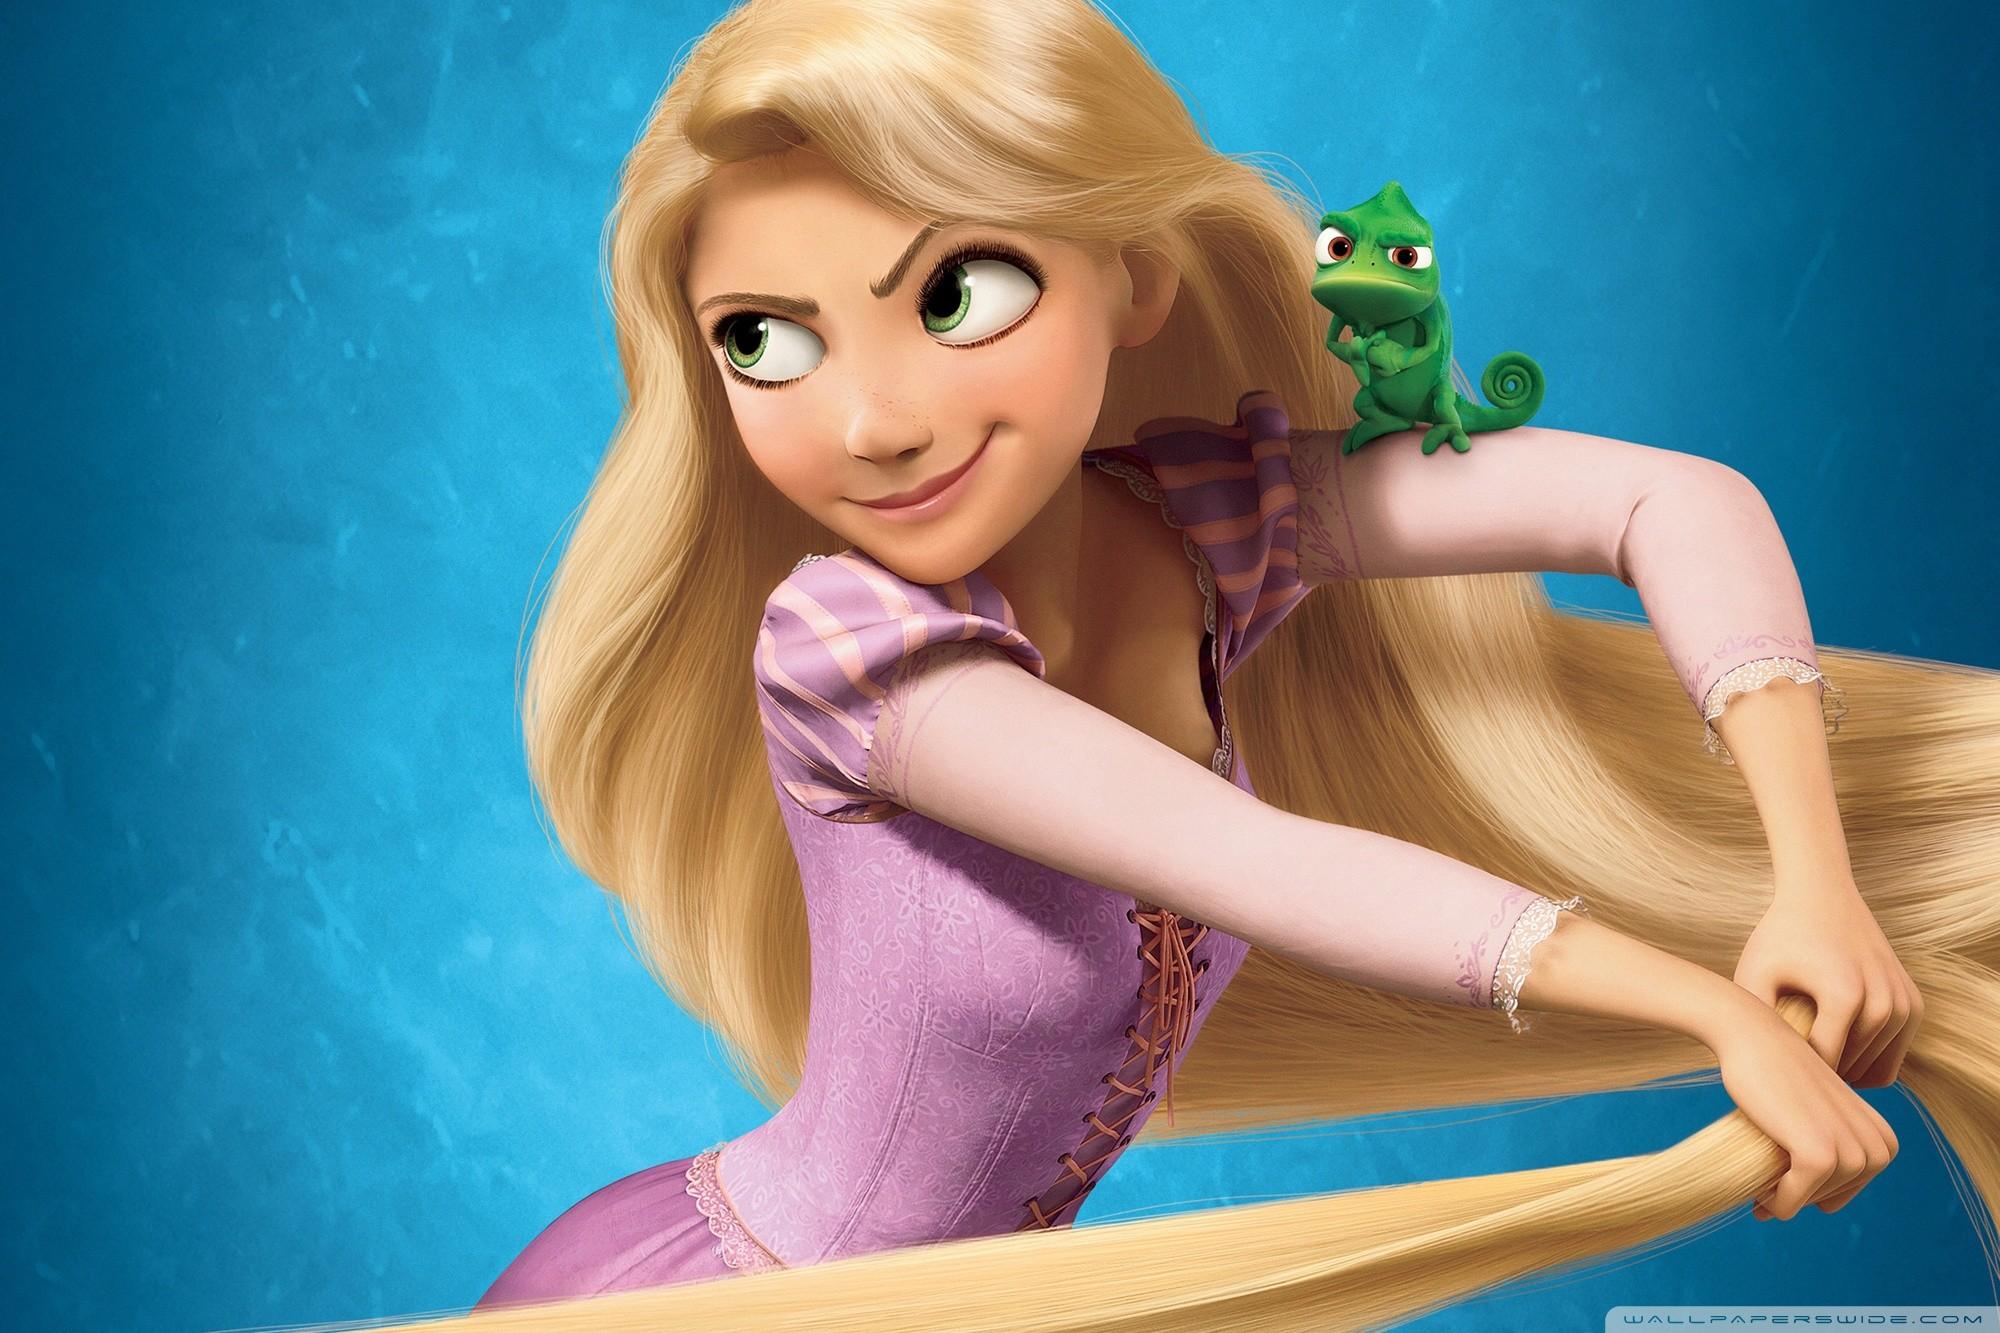 2010-tangled-rapunzel-hd-desktop-widescreen-high.jpg (